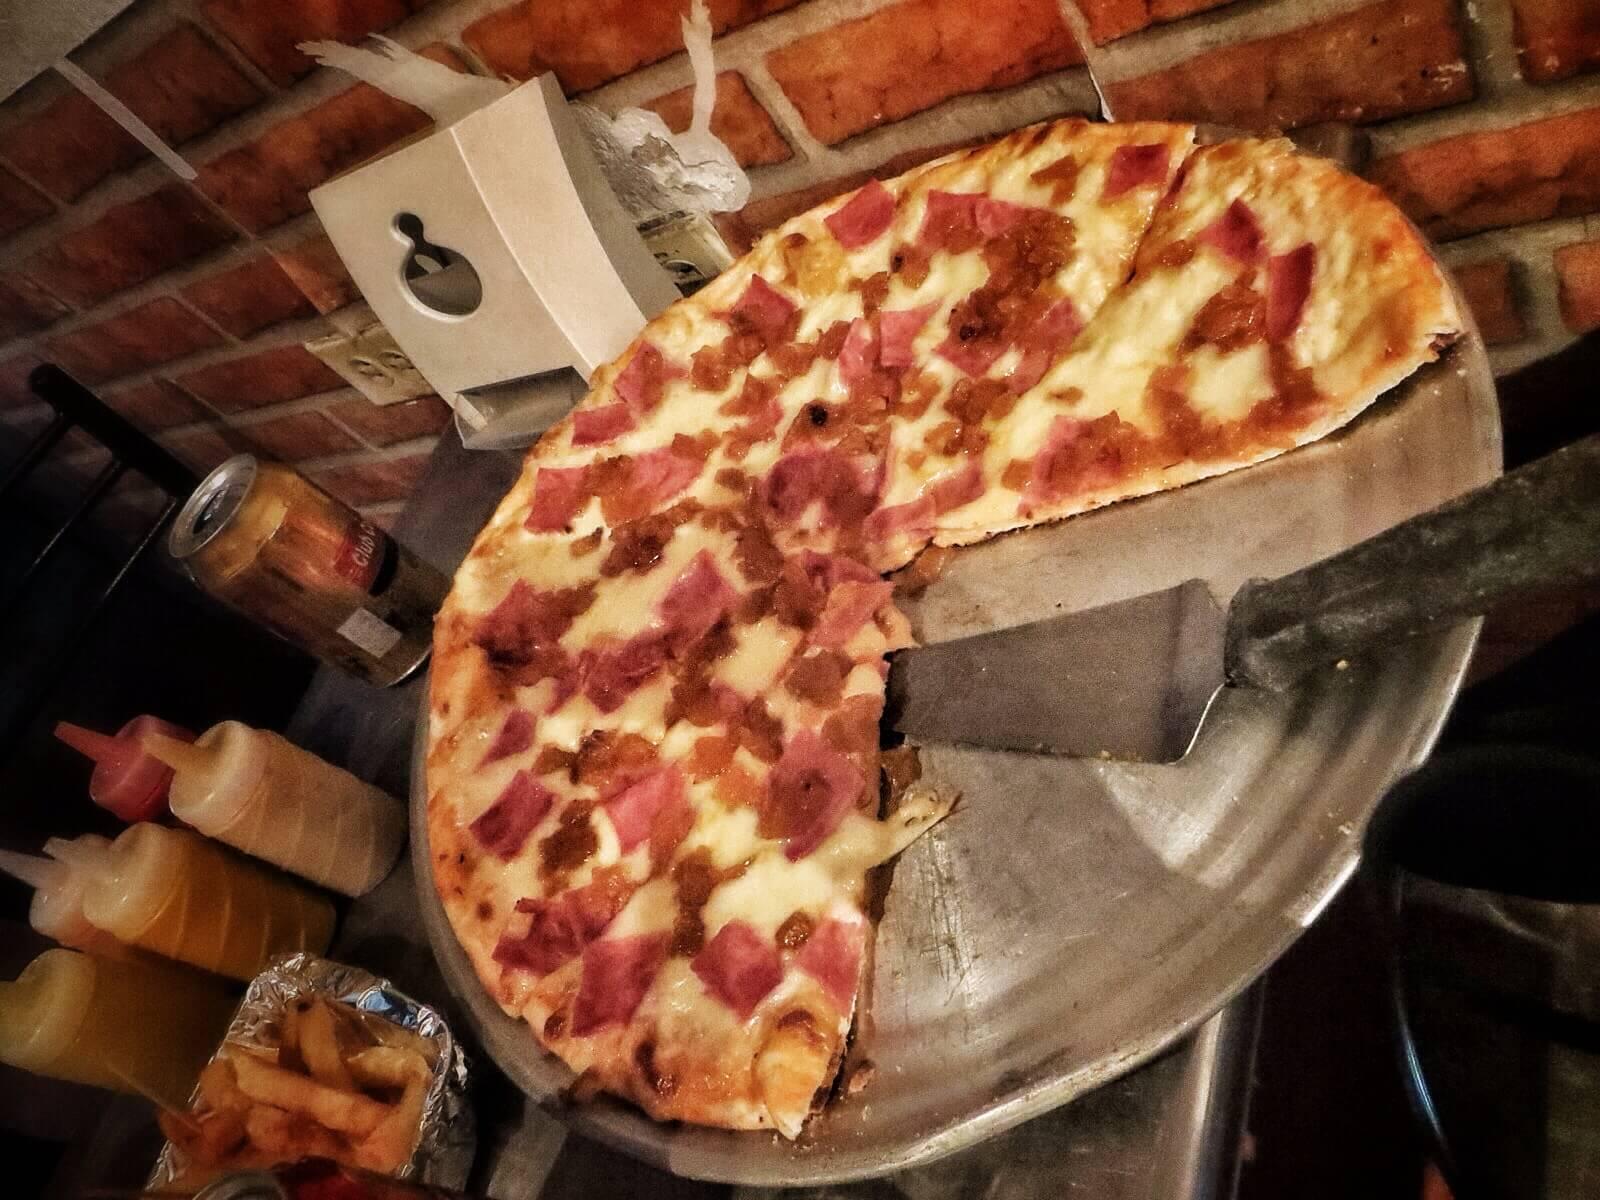 Selvä. Jos tarjoilija sanoo, että pieni pizza riittää yhdelle, niin ensi kerralla uskotaan. Minkähän kokoinen se extra large on, jos tämä on medium?